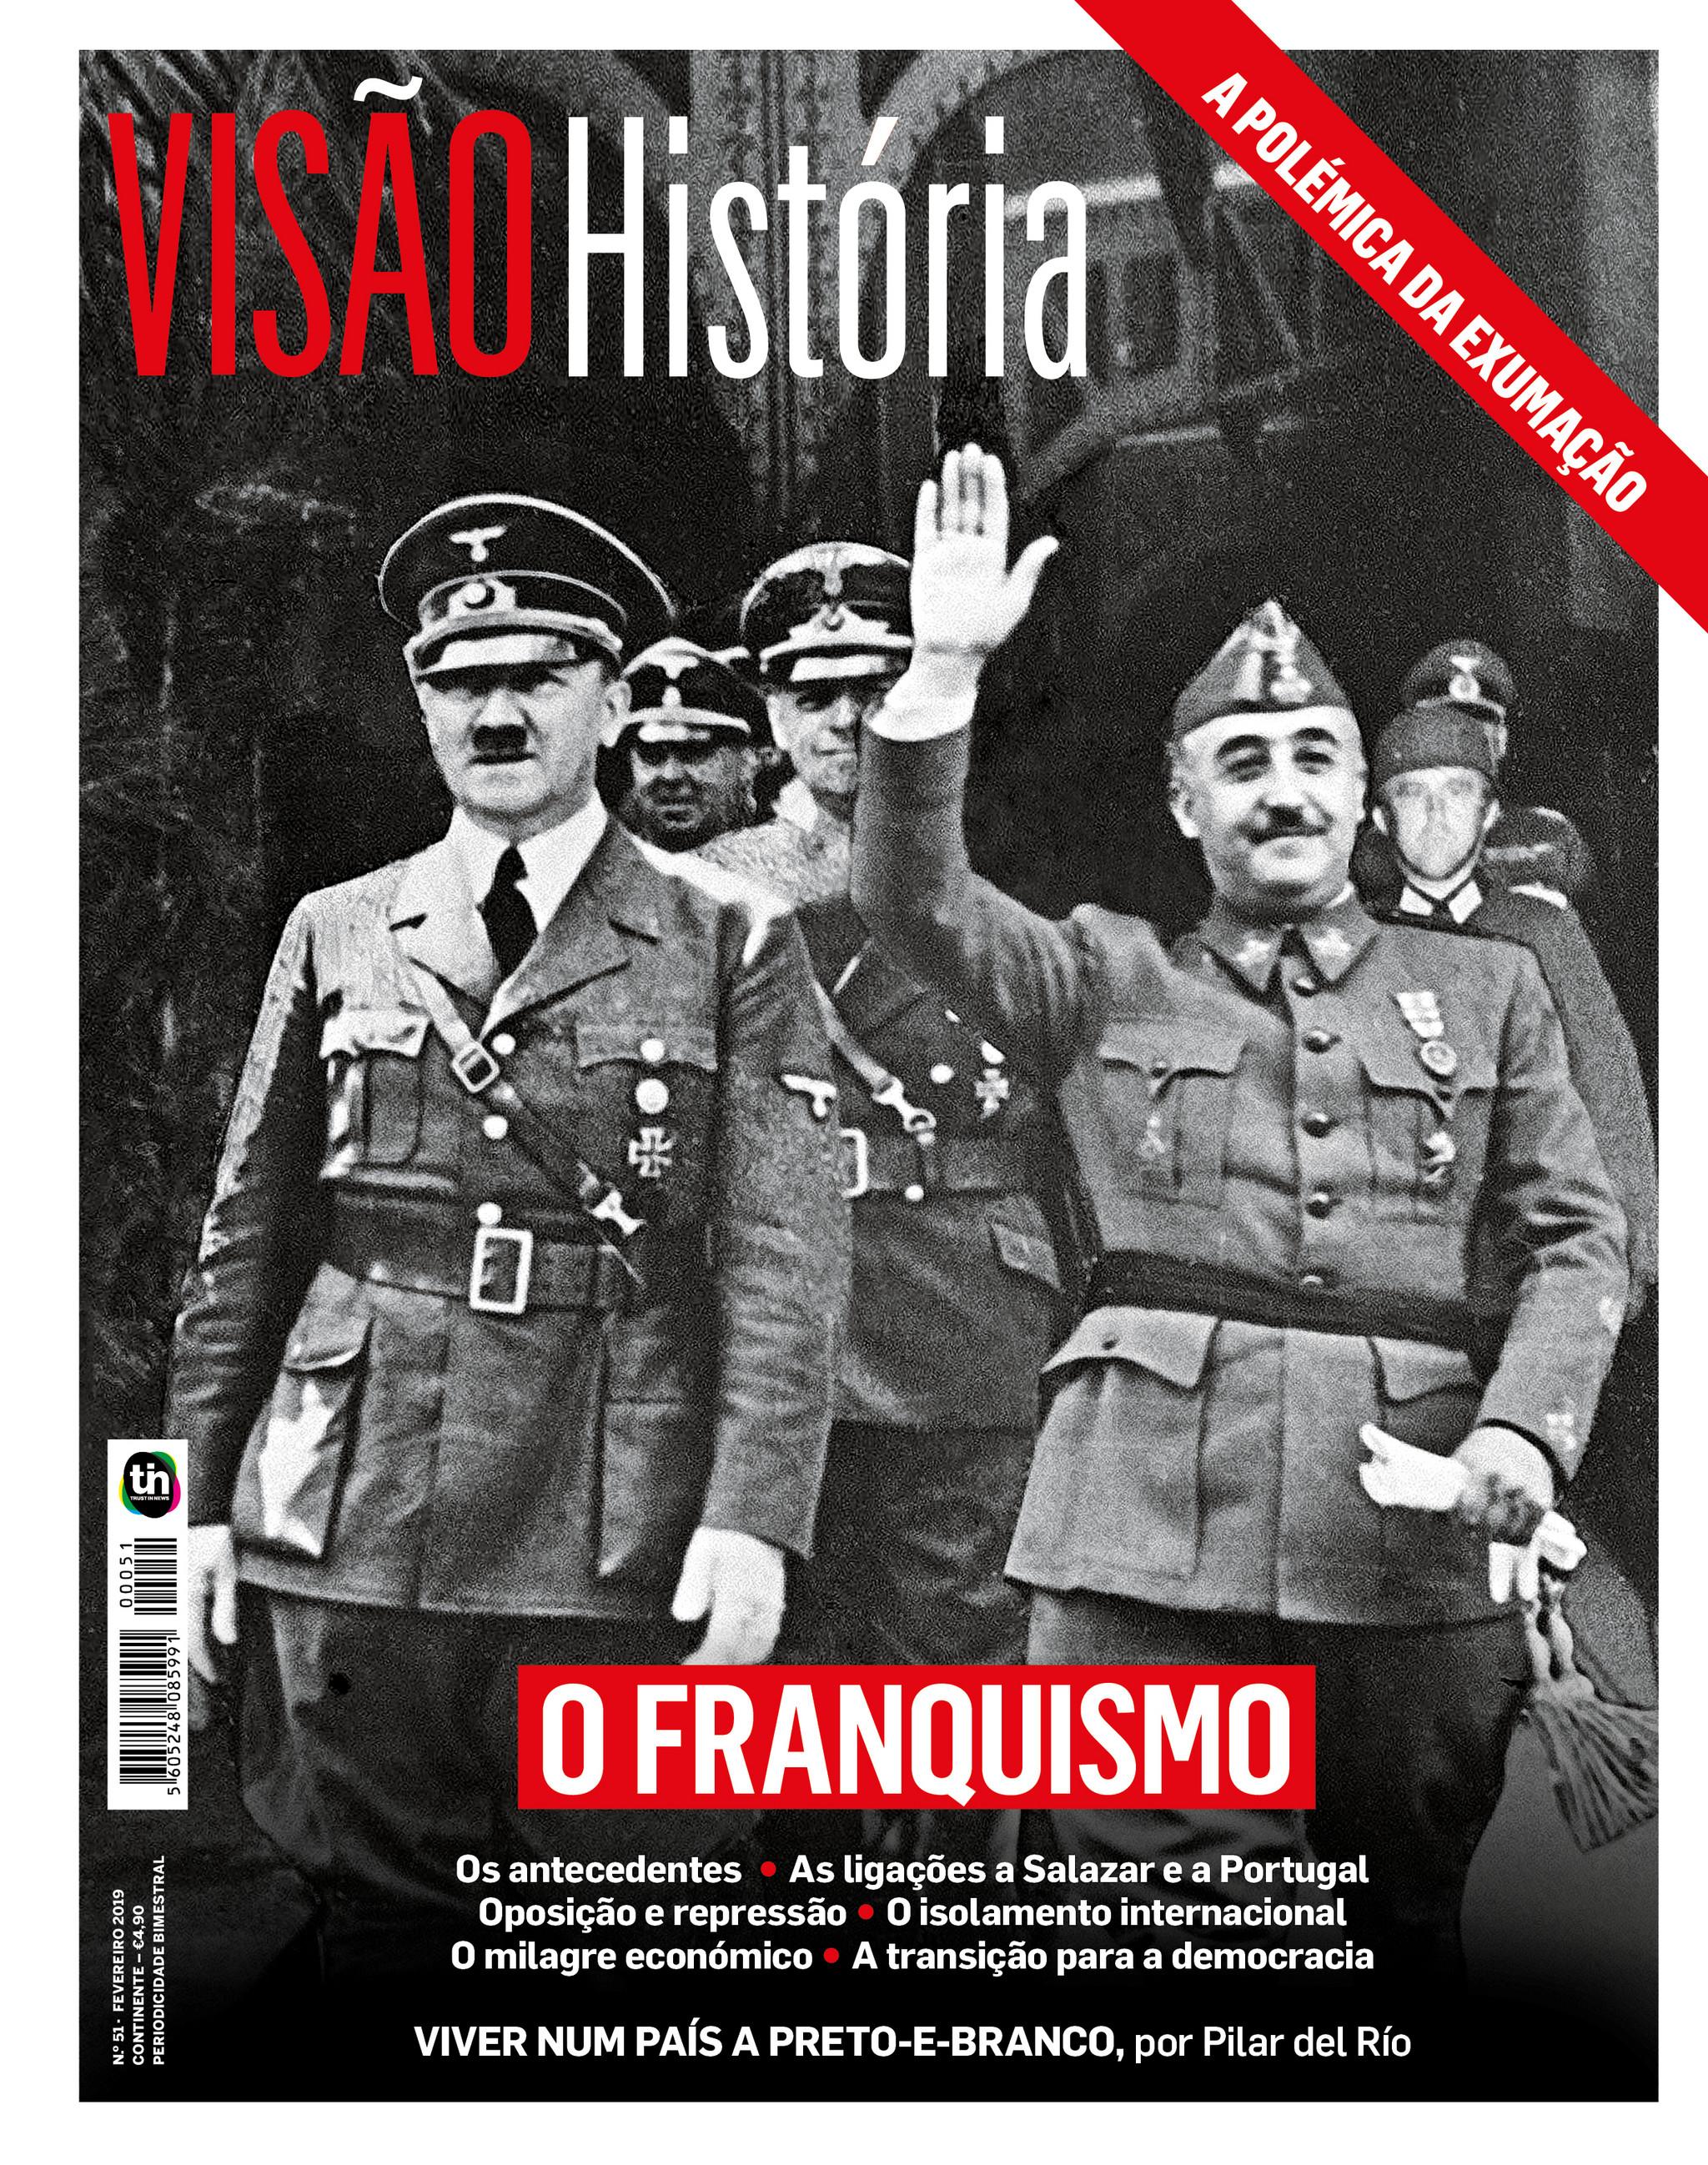 VISÃO História sobre o franquismo